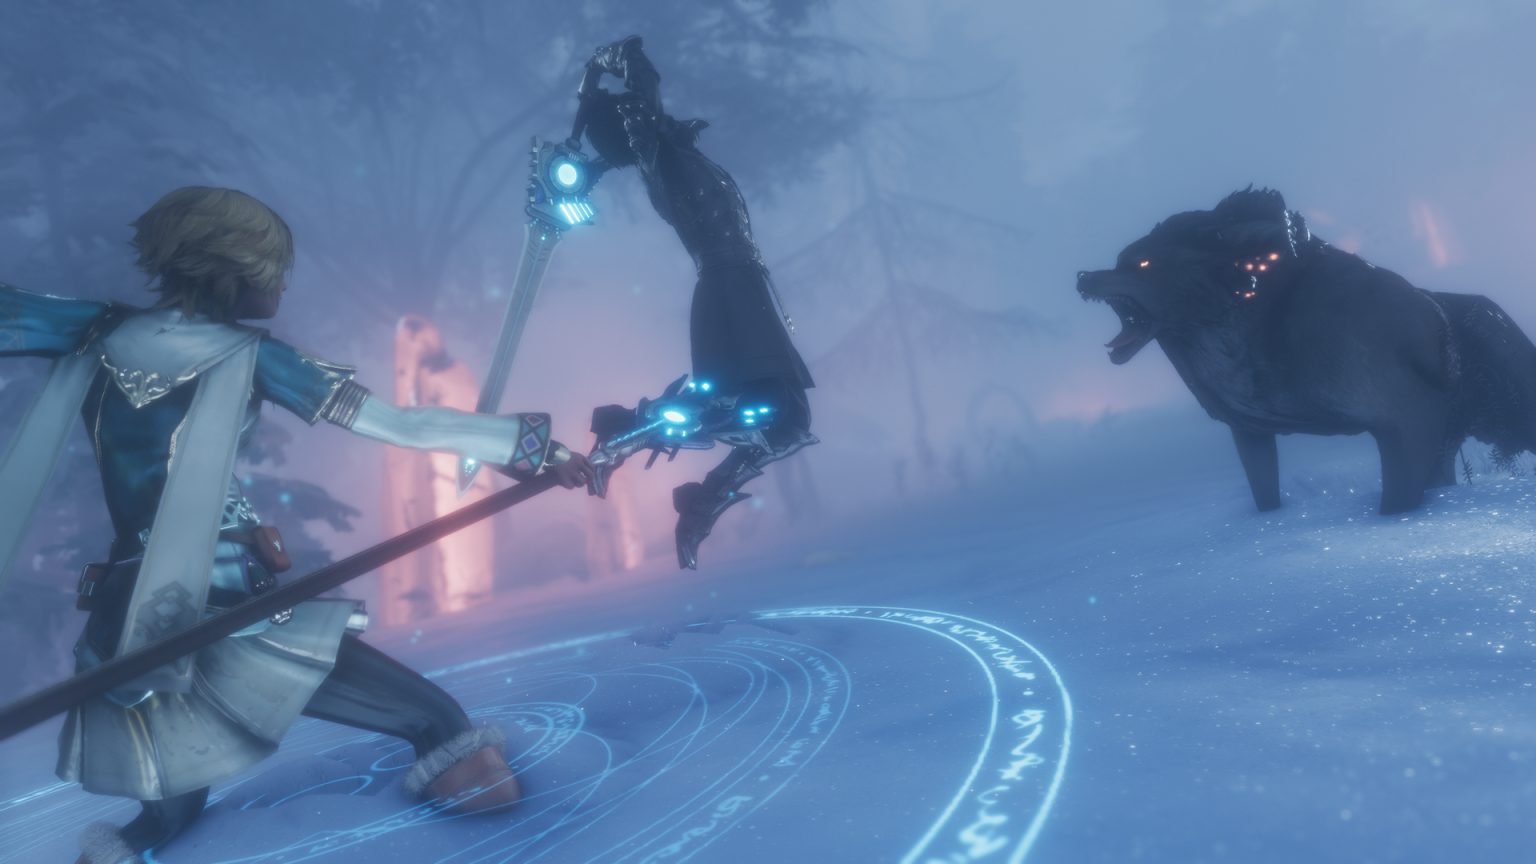 《永恒边缘》结束抢先体验 正式登陆PC发售、更新计划公开